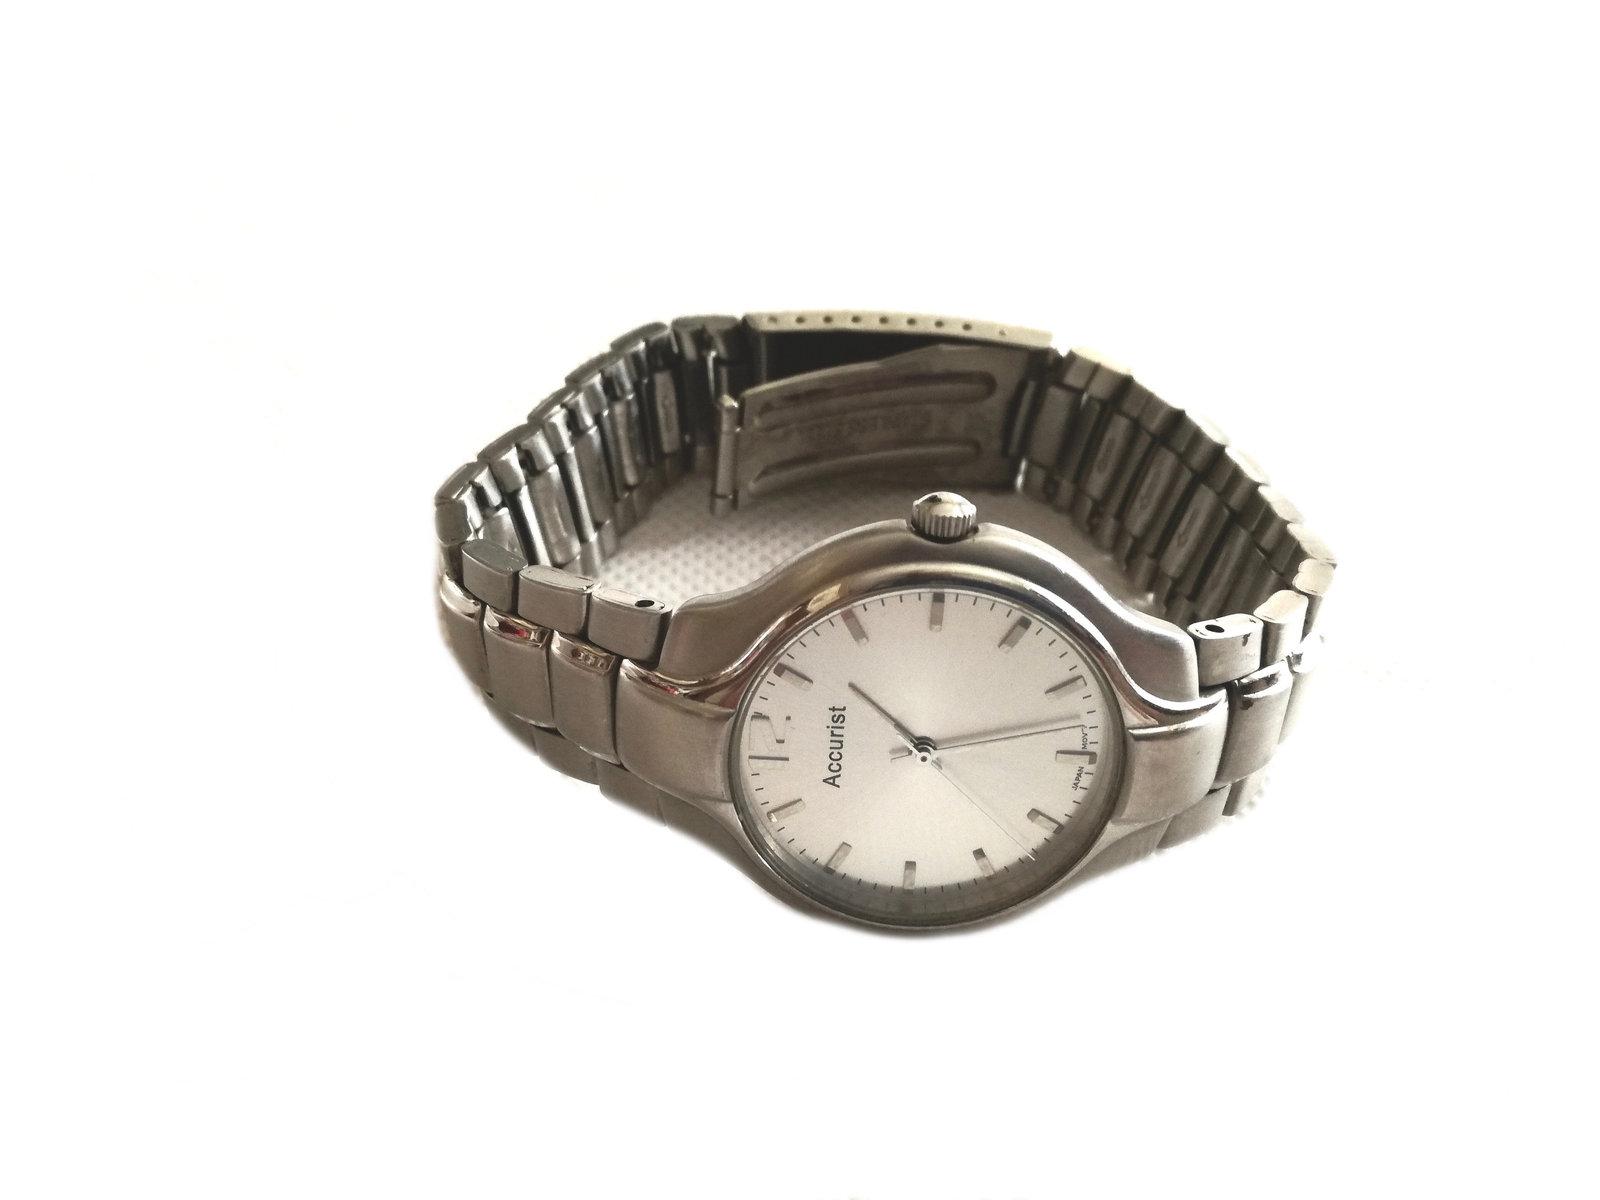 vintage watch / gift for him / vintage wrist watch / vintage  Accurist Watch / w